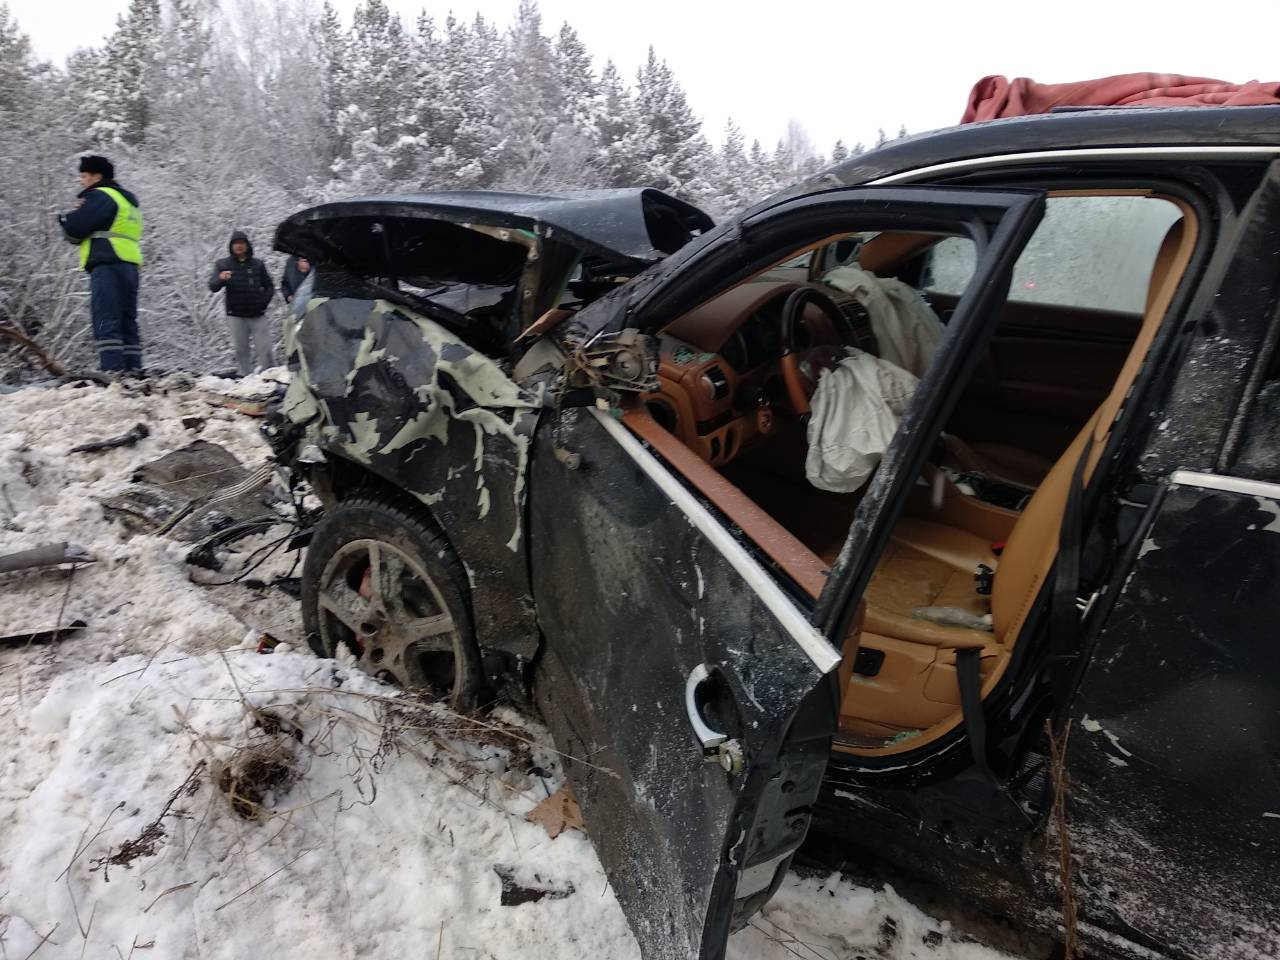 Количество погибших при столкновении Kiaи Porsche в Чепецком районе увеличилось